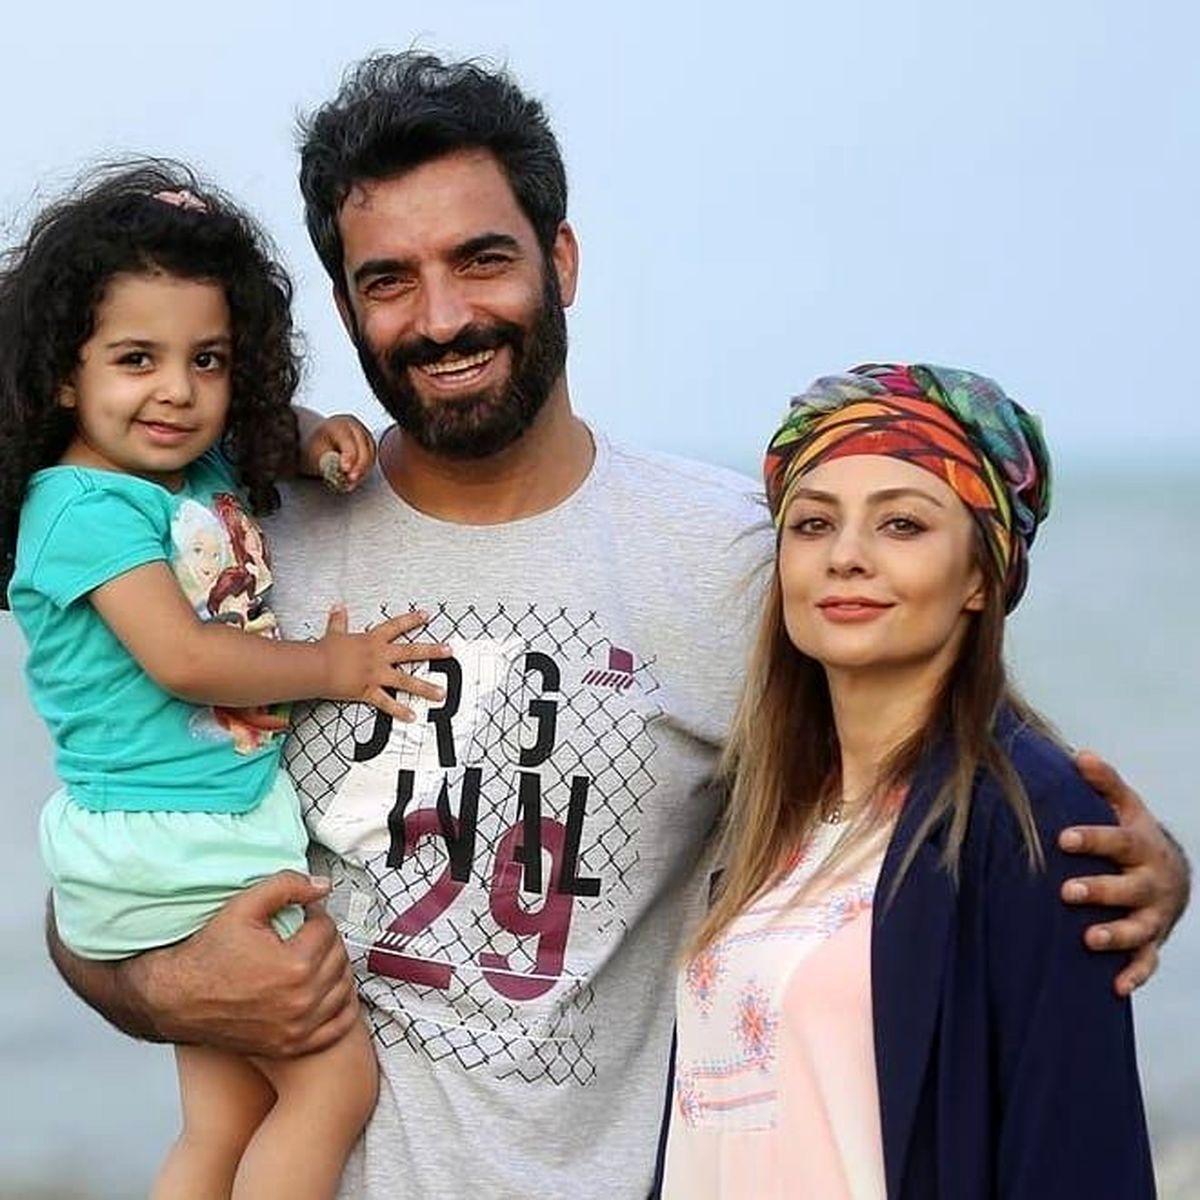 عکس خانوادگی یکتا ناصر همه را ترساند + عکس